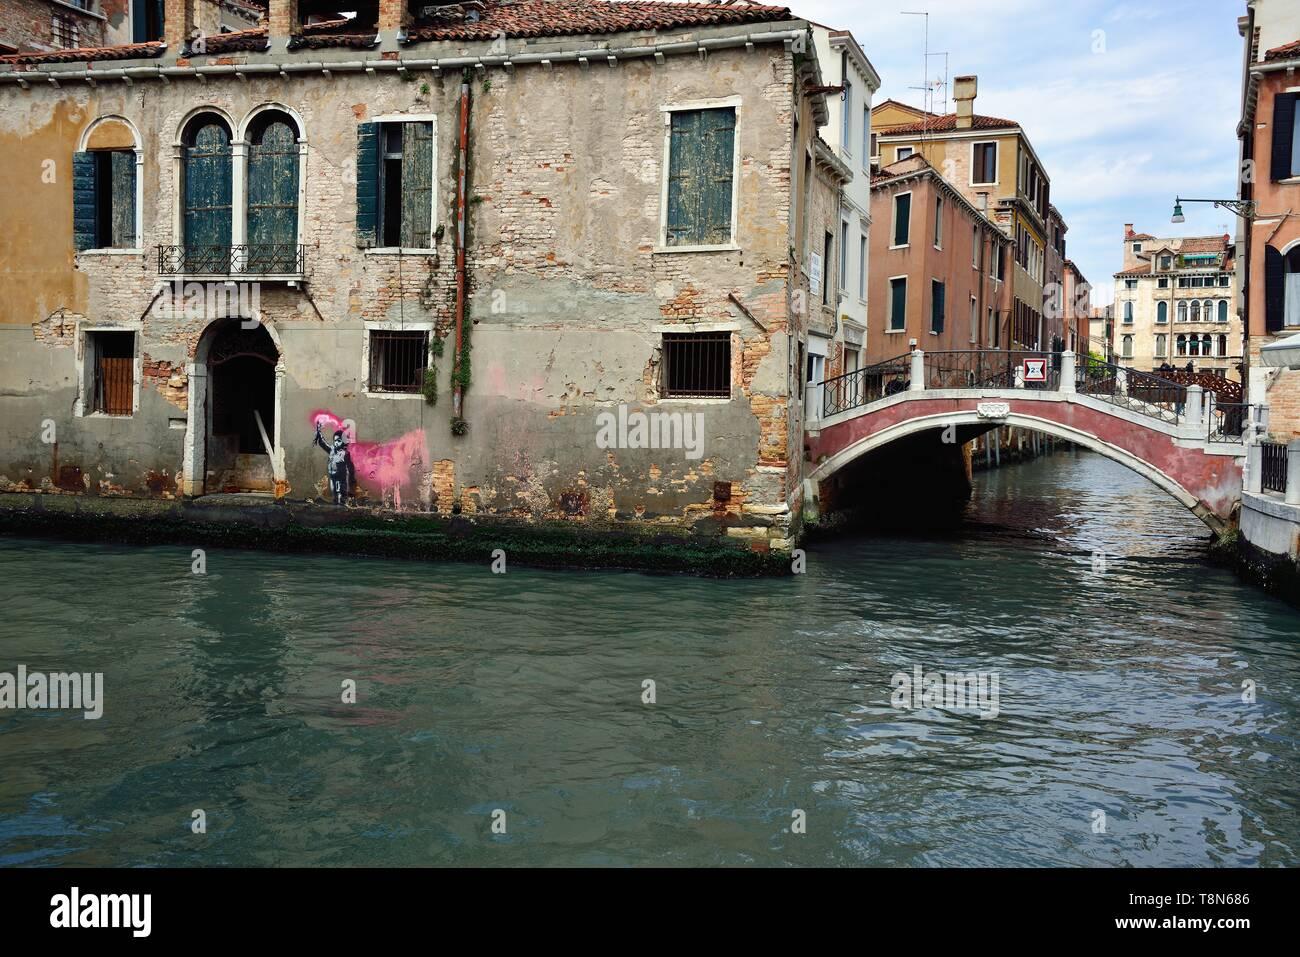 In den Tagen der Eröffnung der Biennale, Venedig erkennt, dass es die berühmten unbekannter Künstler Banksy. Die Graffiti auf mysteriöse Weise erschien in Venedig in Campo San Pantaleon ist fast zweifellos von Banksky. Es stellt einen kleinen Schiffbruch Kind das Tragen einer Schwimmweste, hält ein Signal Rakete. Artribune, einer Fachzeitschrift, Gespräche über eine 99% Chance, dass es sich um eine Arbeit von Banksy. Dies ist das zweite Werk von Banksy in Italien, nach Neapel, wo die Madonna mit der Waffe vorhanden ist. Die graffiti Erschienen am Freitag, 10. Mai und zieht die Aufmerksamkeit der Touristen und Venezianer. Stockbild